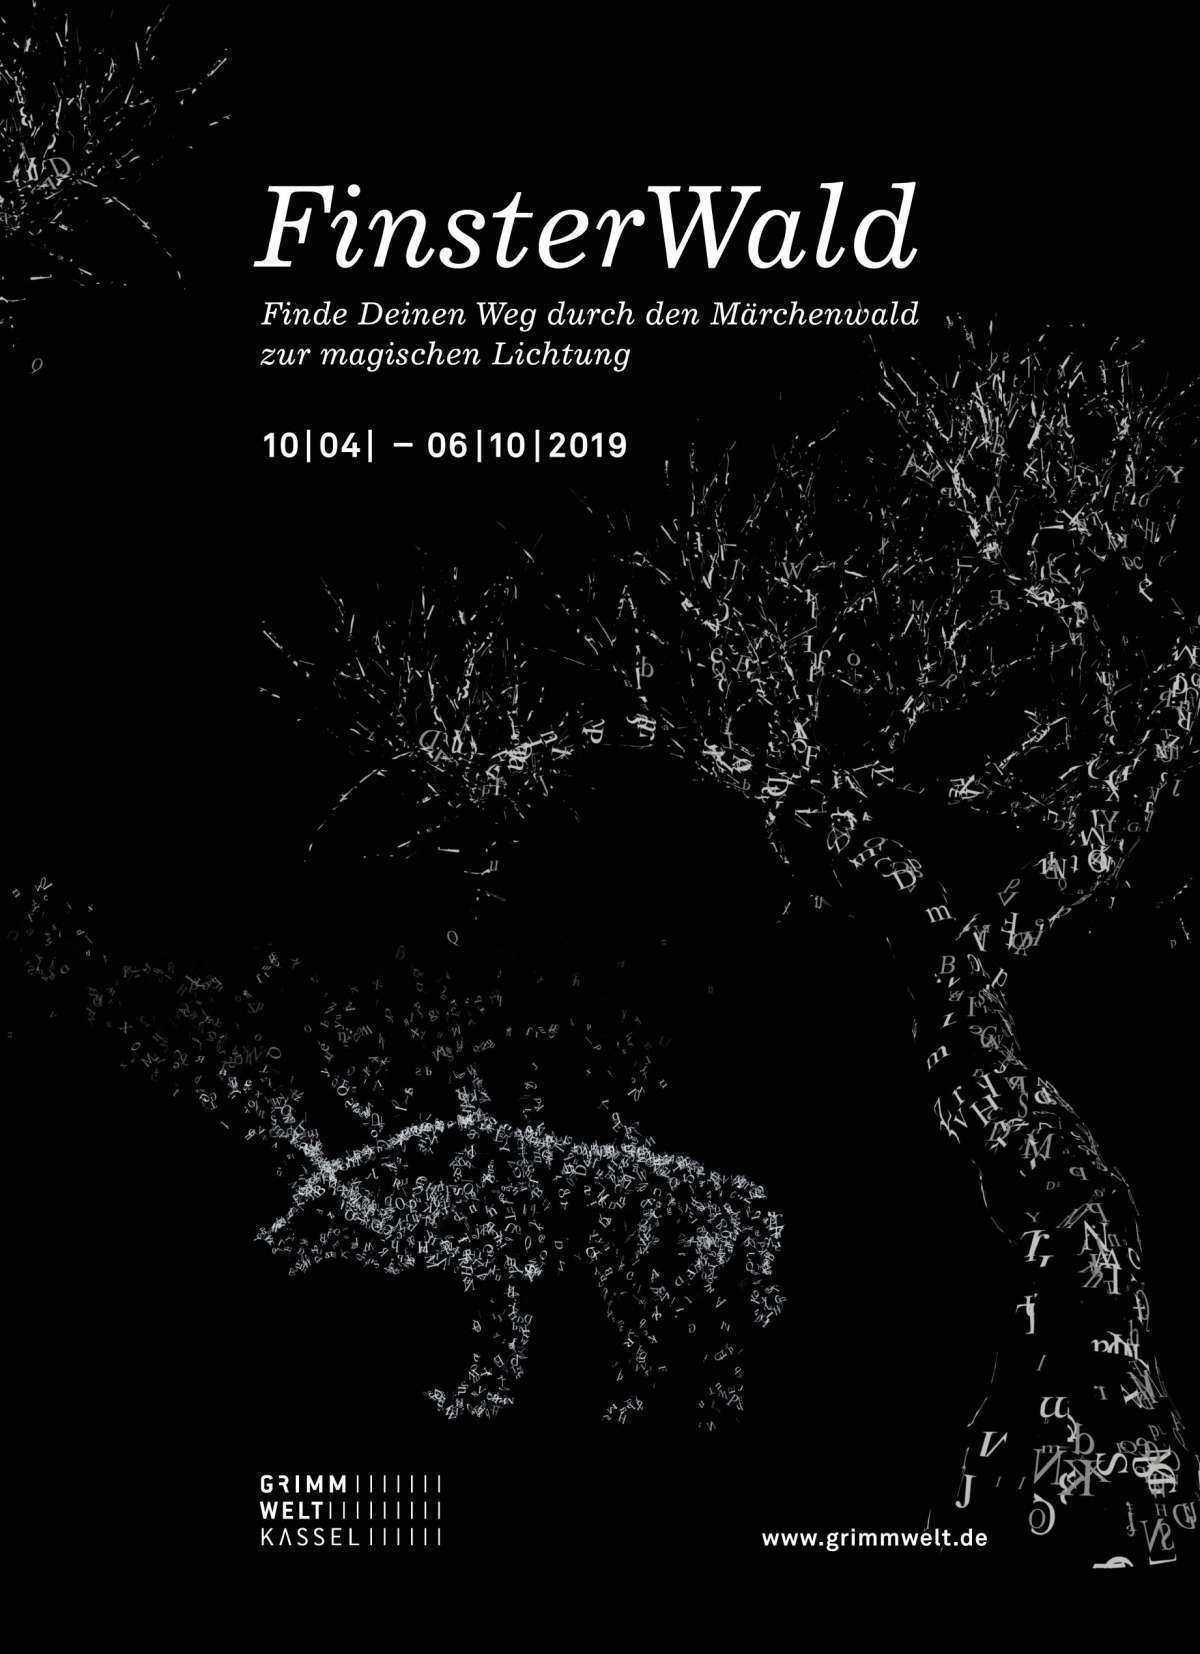 Veranstaltungen & Events in der Location »Grimmwelt Kassel«